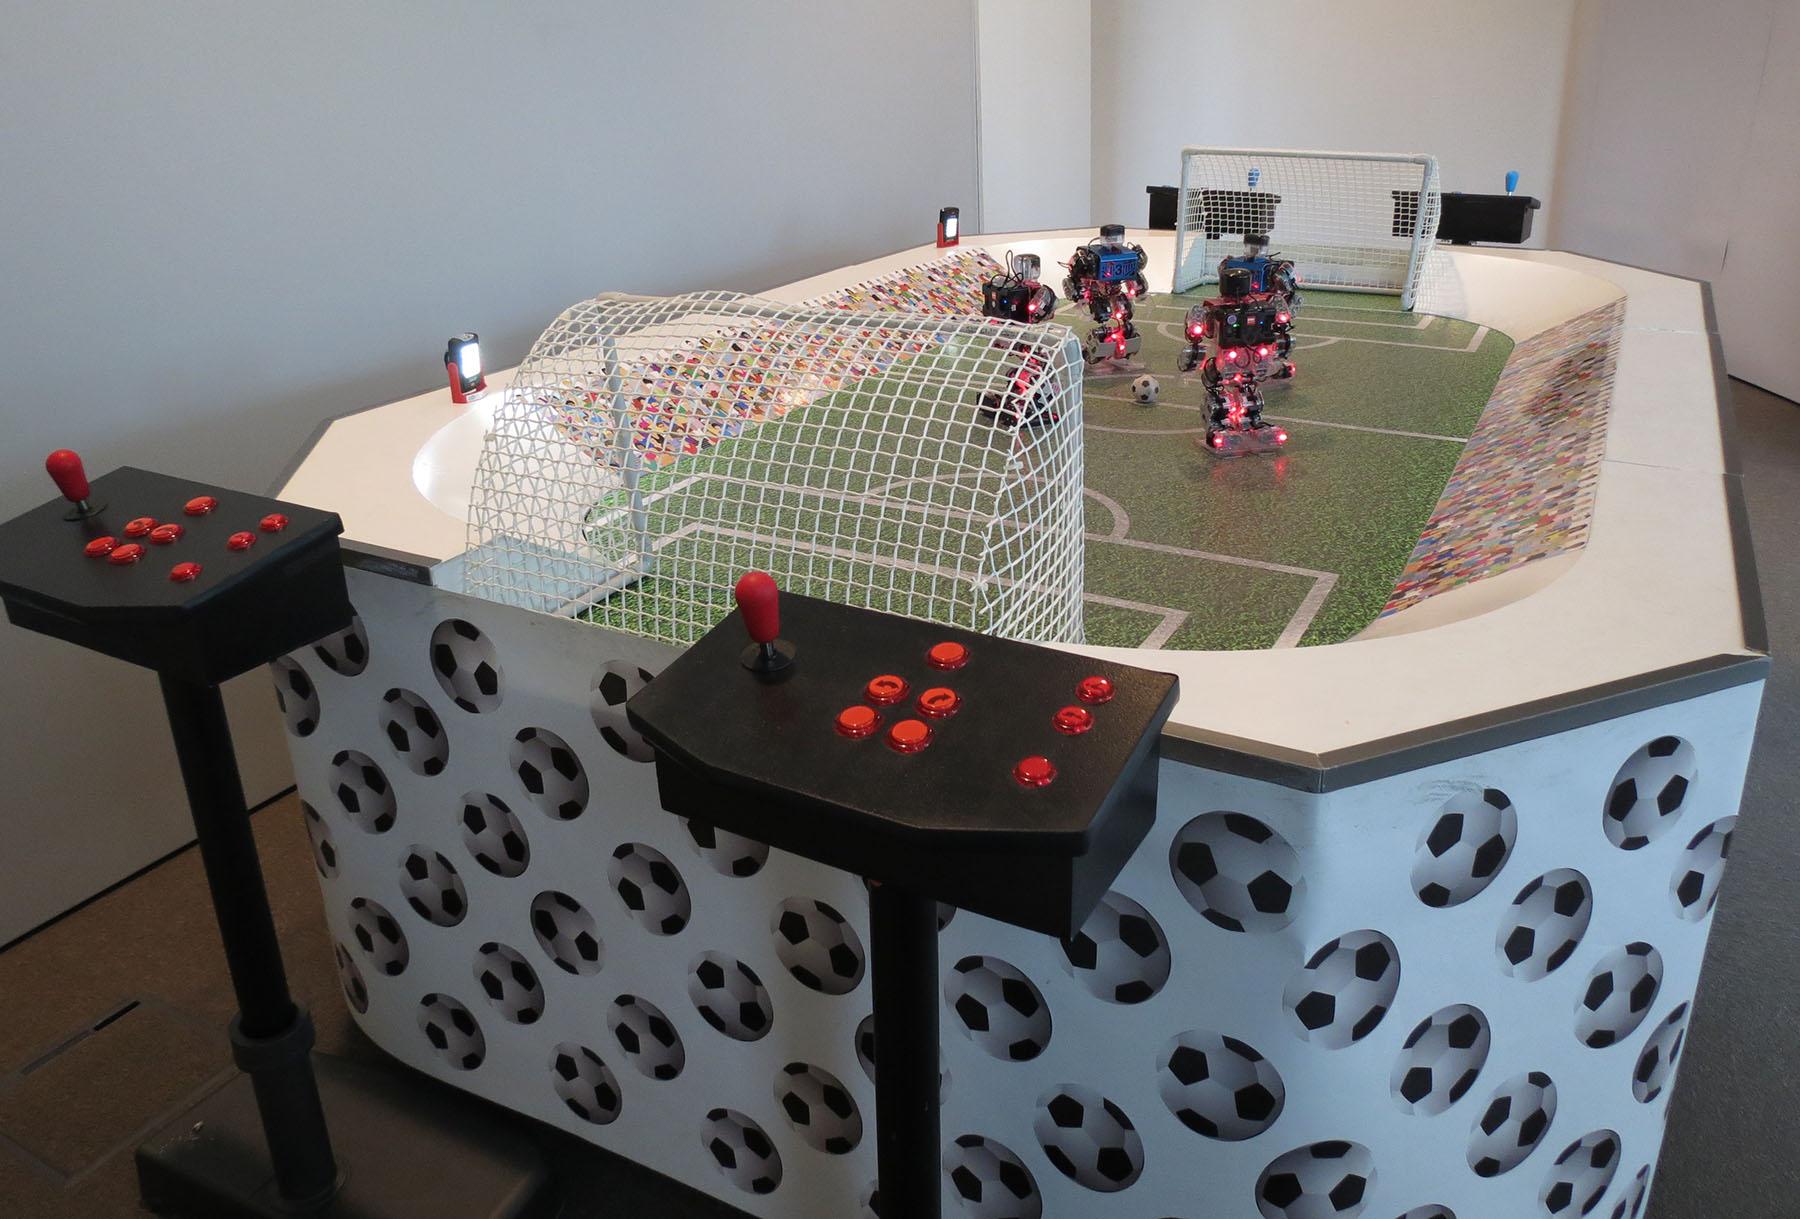 Vu des bornes de controle des robots footballeurs